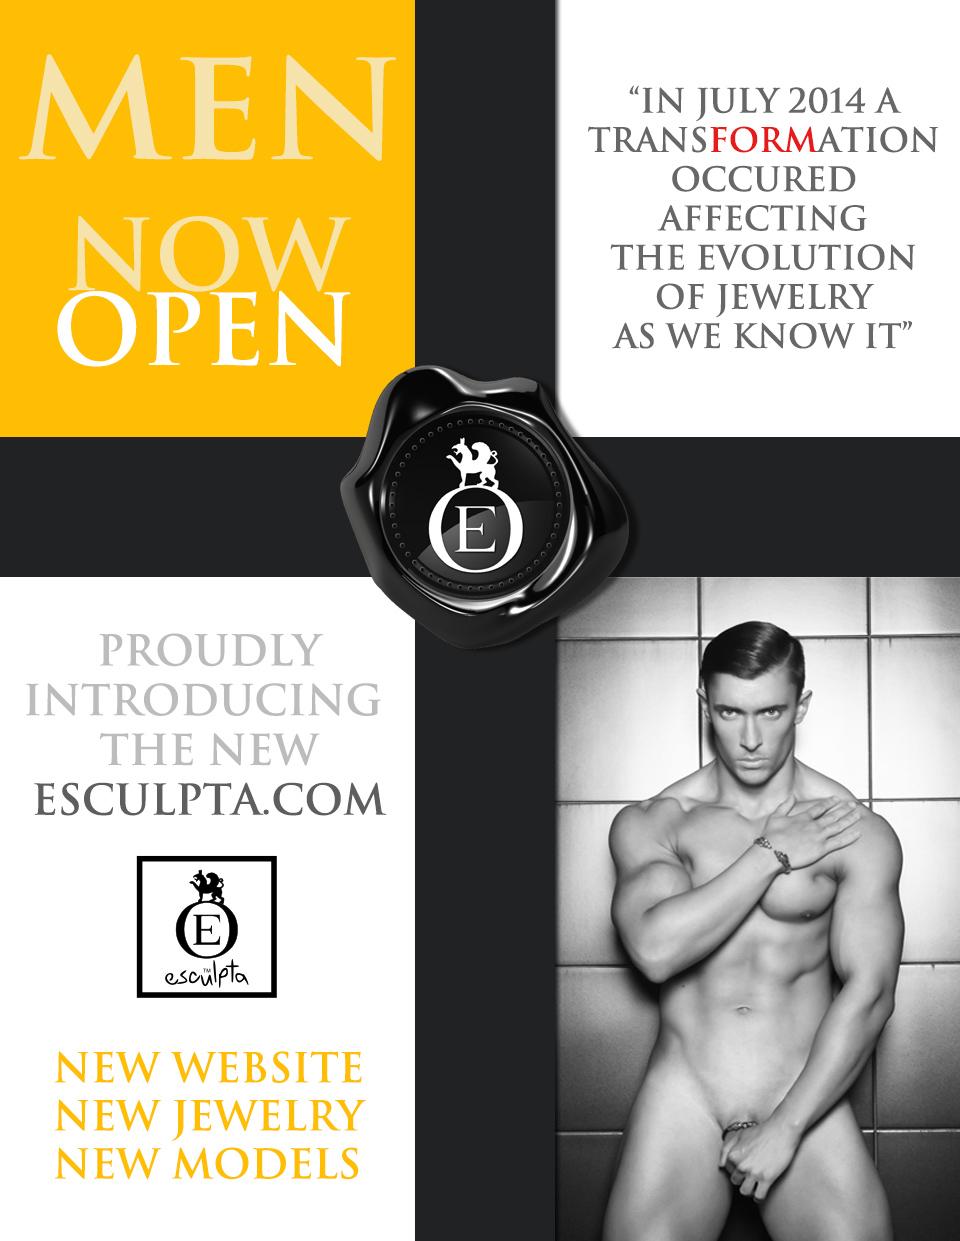 www.esculpta.com